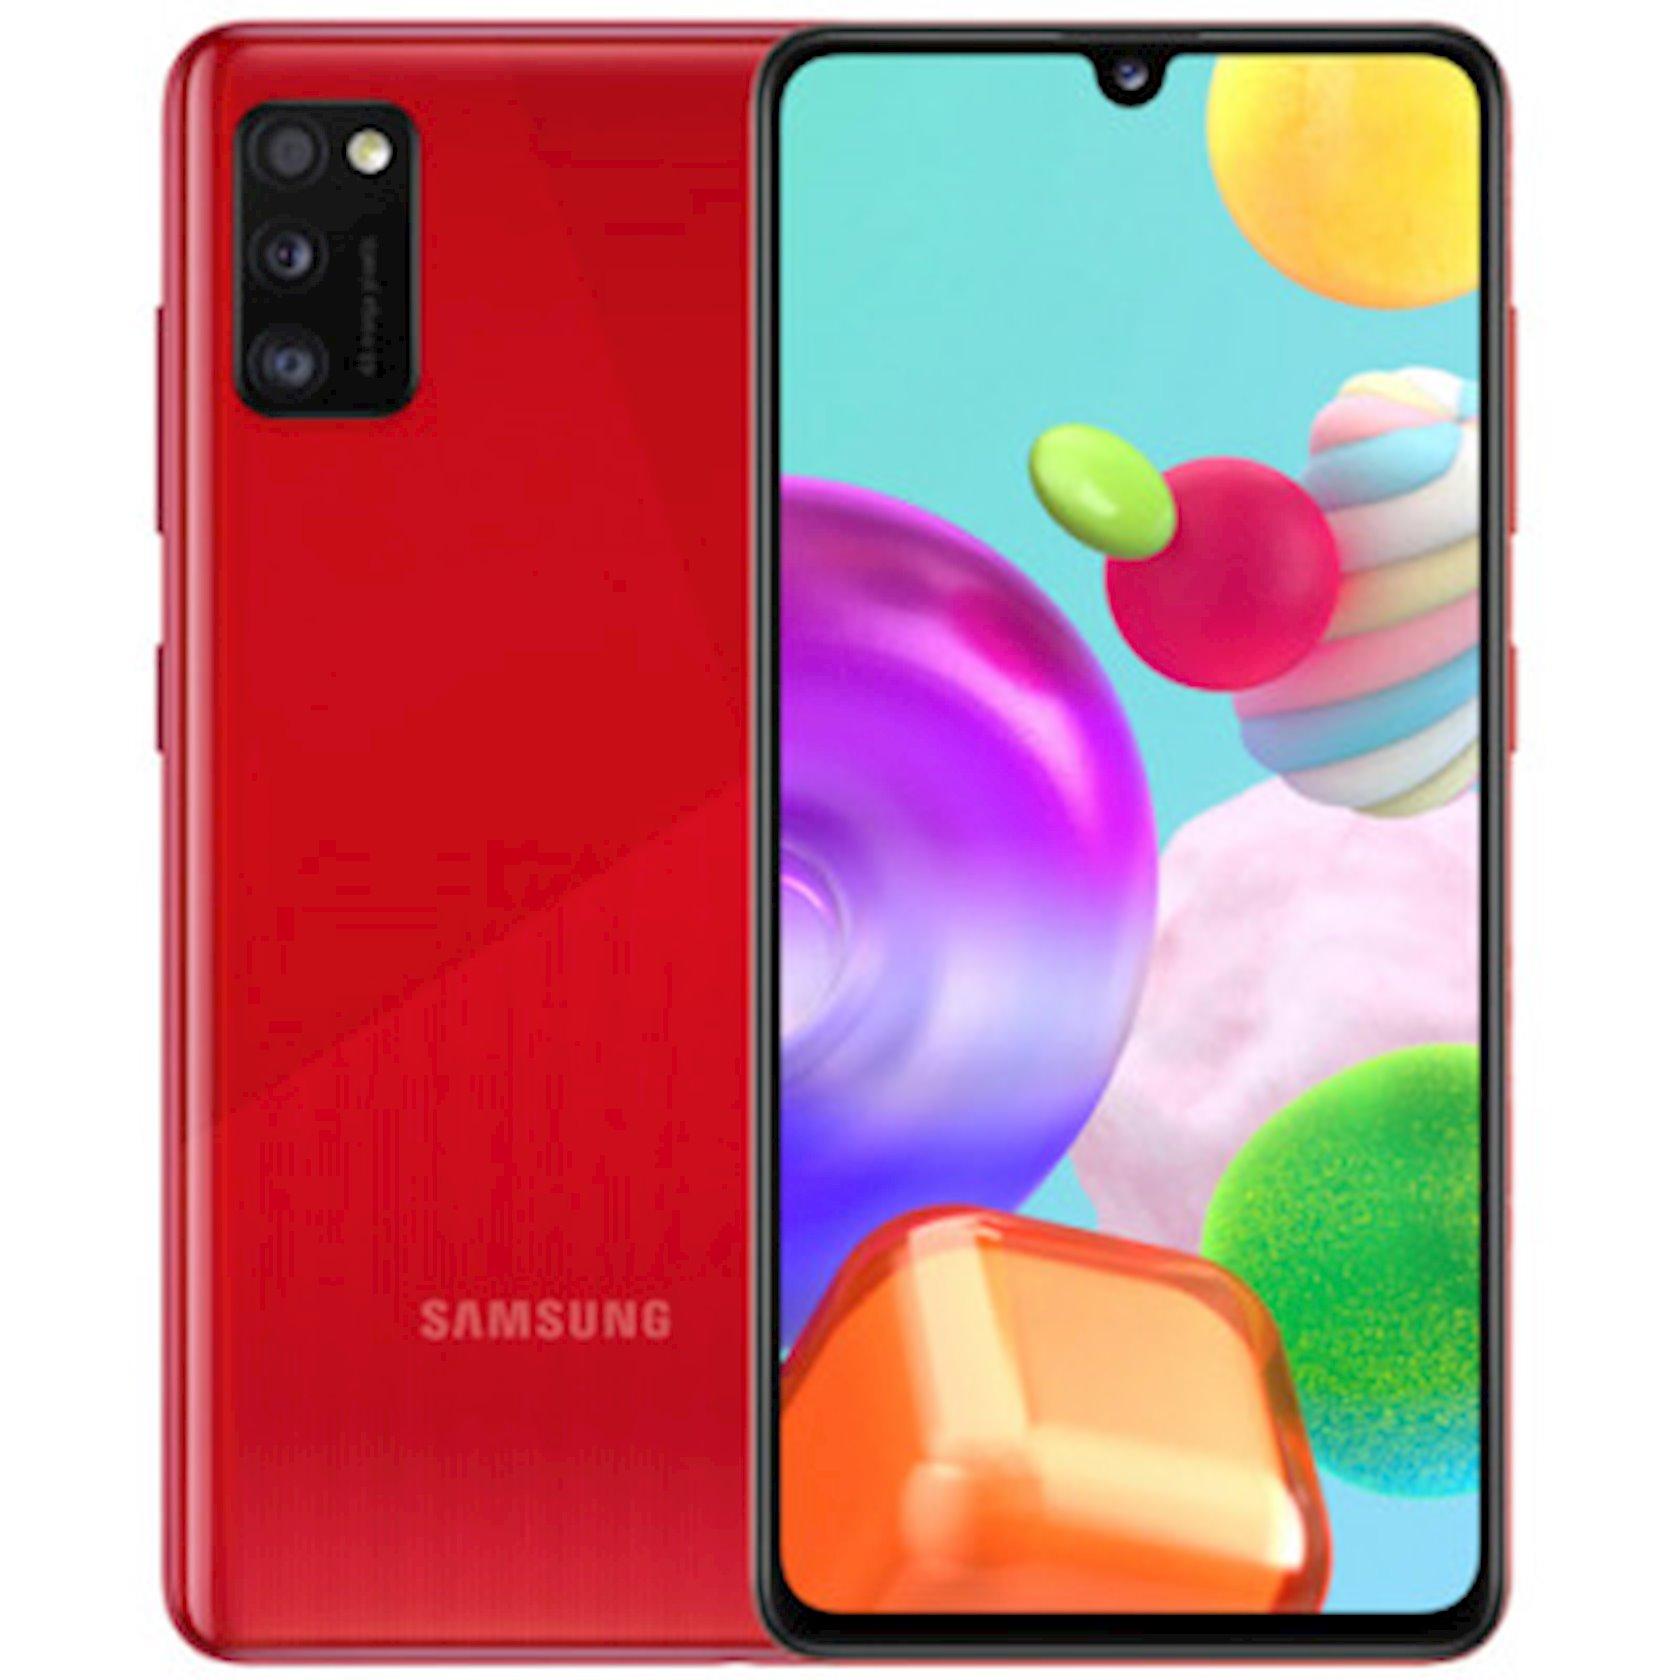 Smartfon Samsung Galaxy A41 4GB/64GB Red